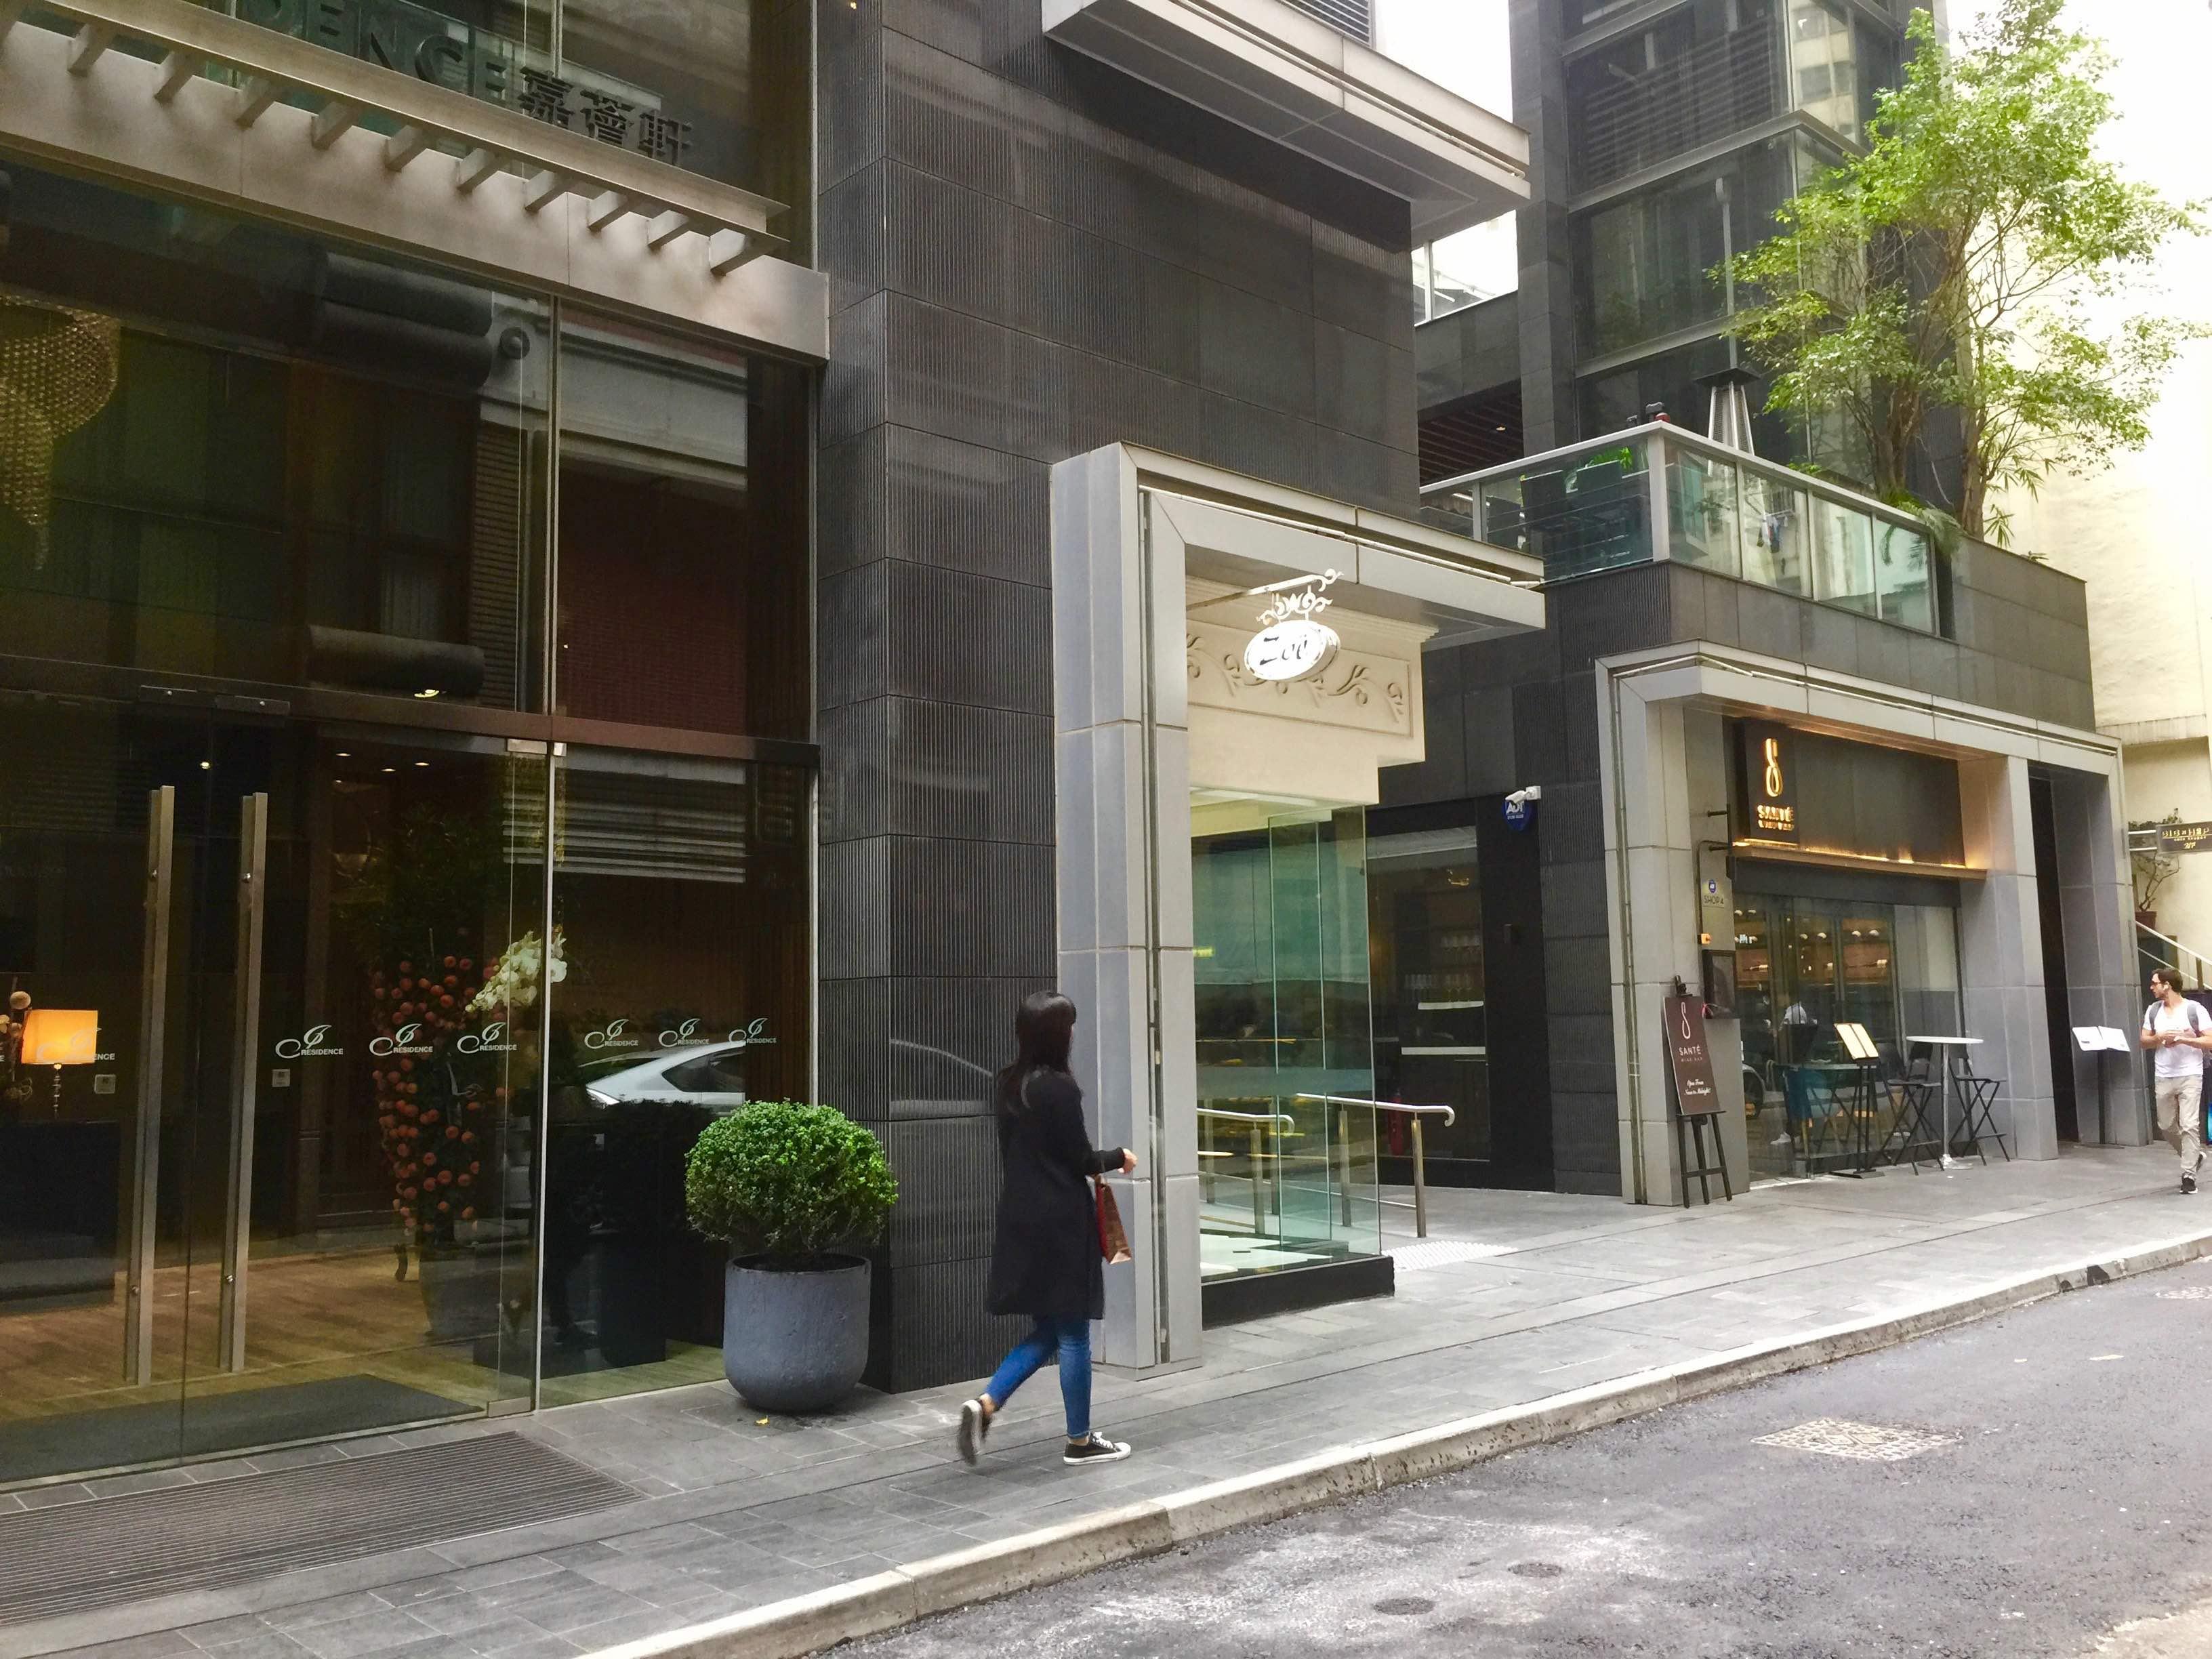 Ship Street Corner Restaurant & Bar Space for Rent in HK